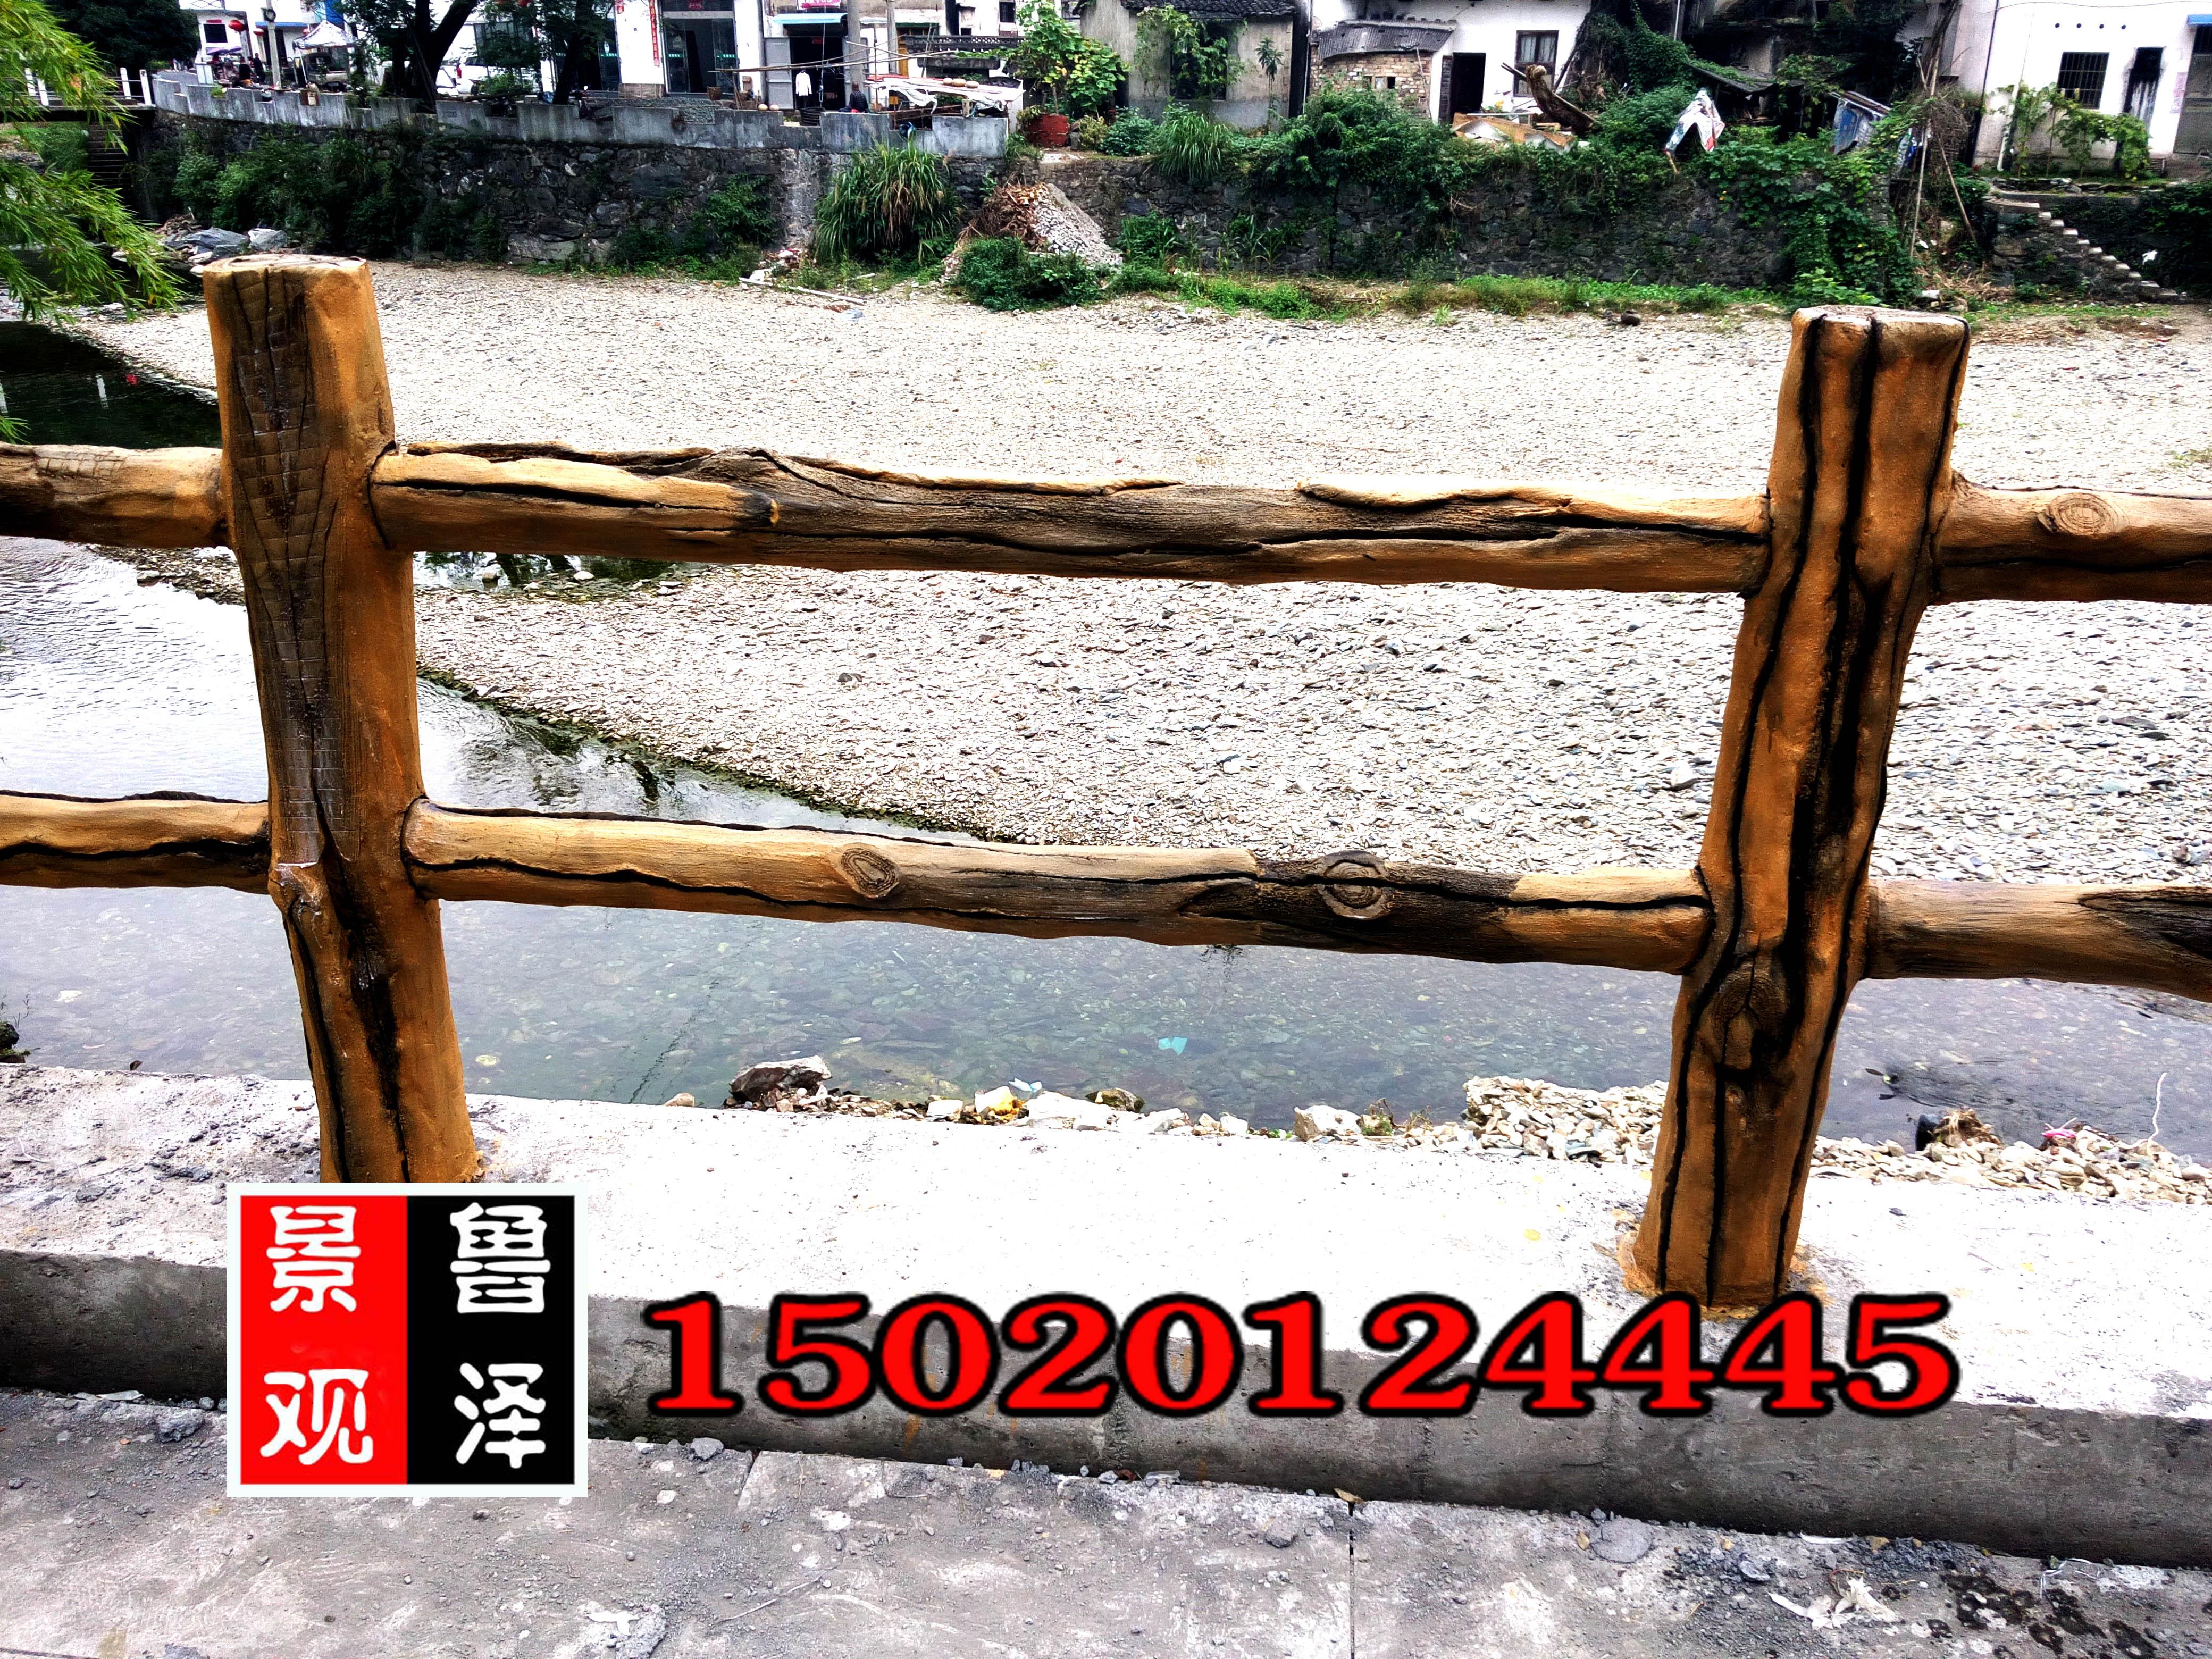 供应水泥仿木护栏,北京旅游景区仿木护栏,景观仿木护栏